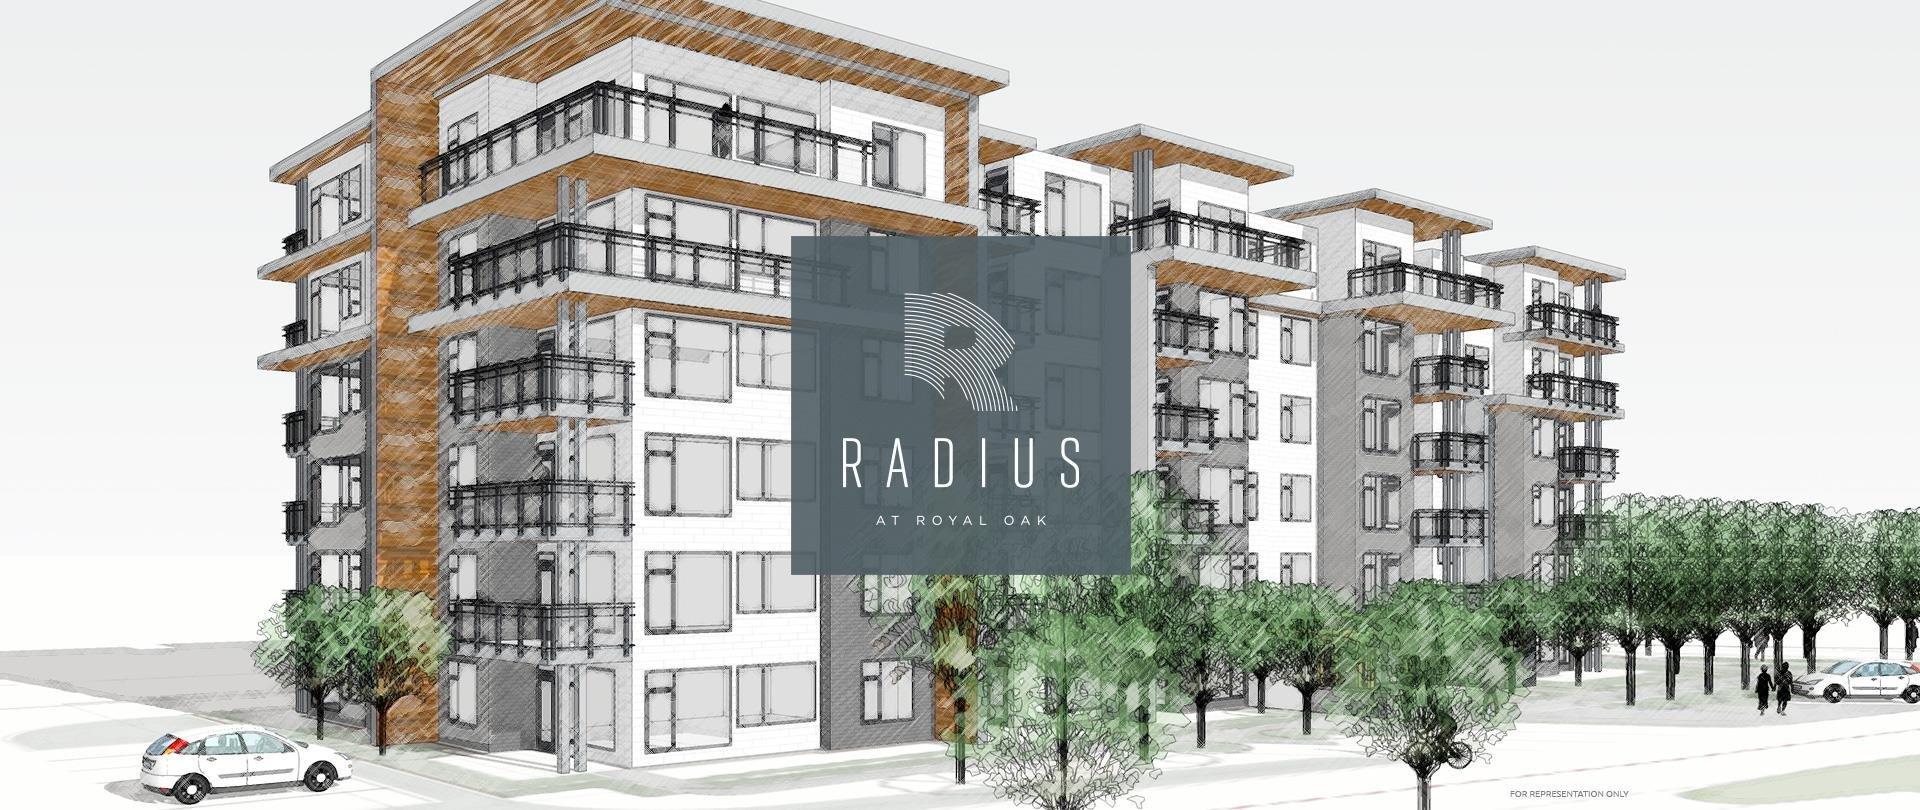 Radius - 4398 W Saanich Rd - Display!